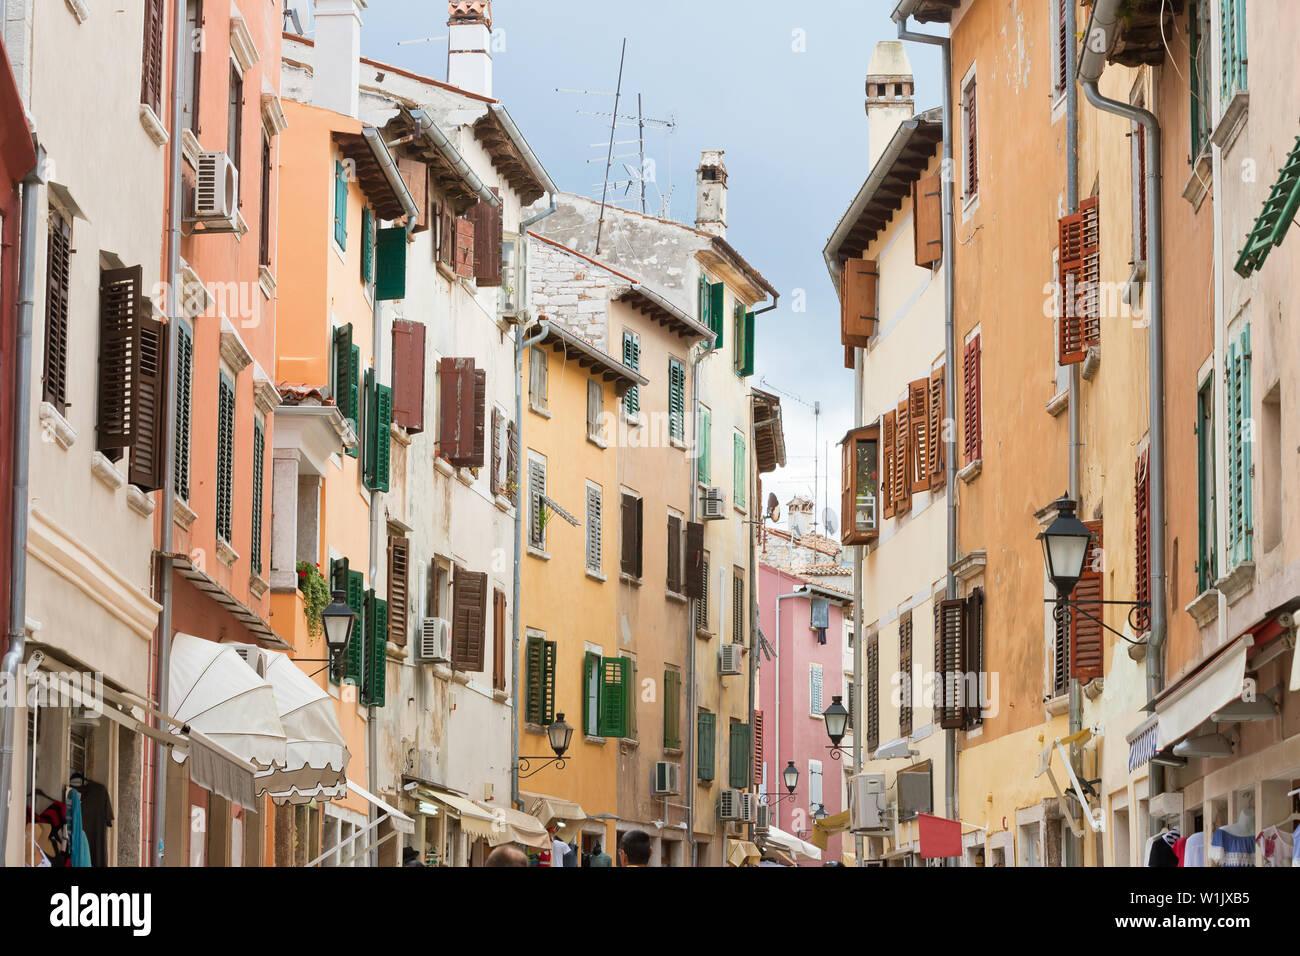 Rovinj, Istrien, Kroatien, Europa - ein Spaziergang durch die Altstadt von Rovinj Stockfoto